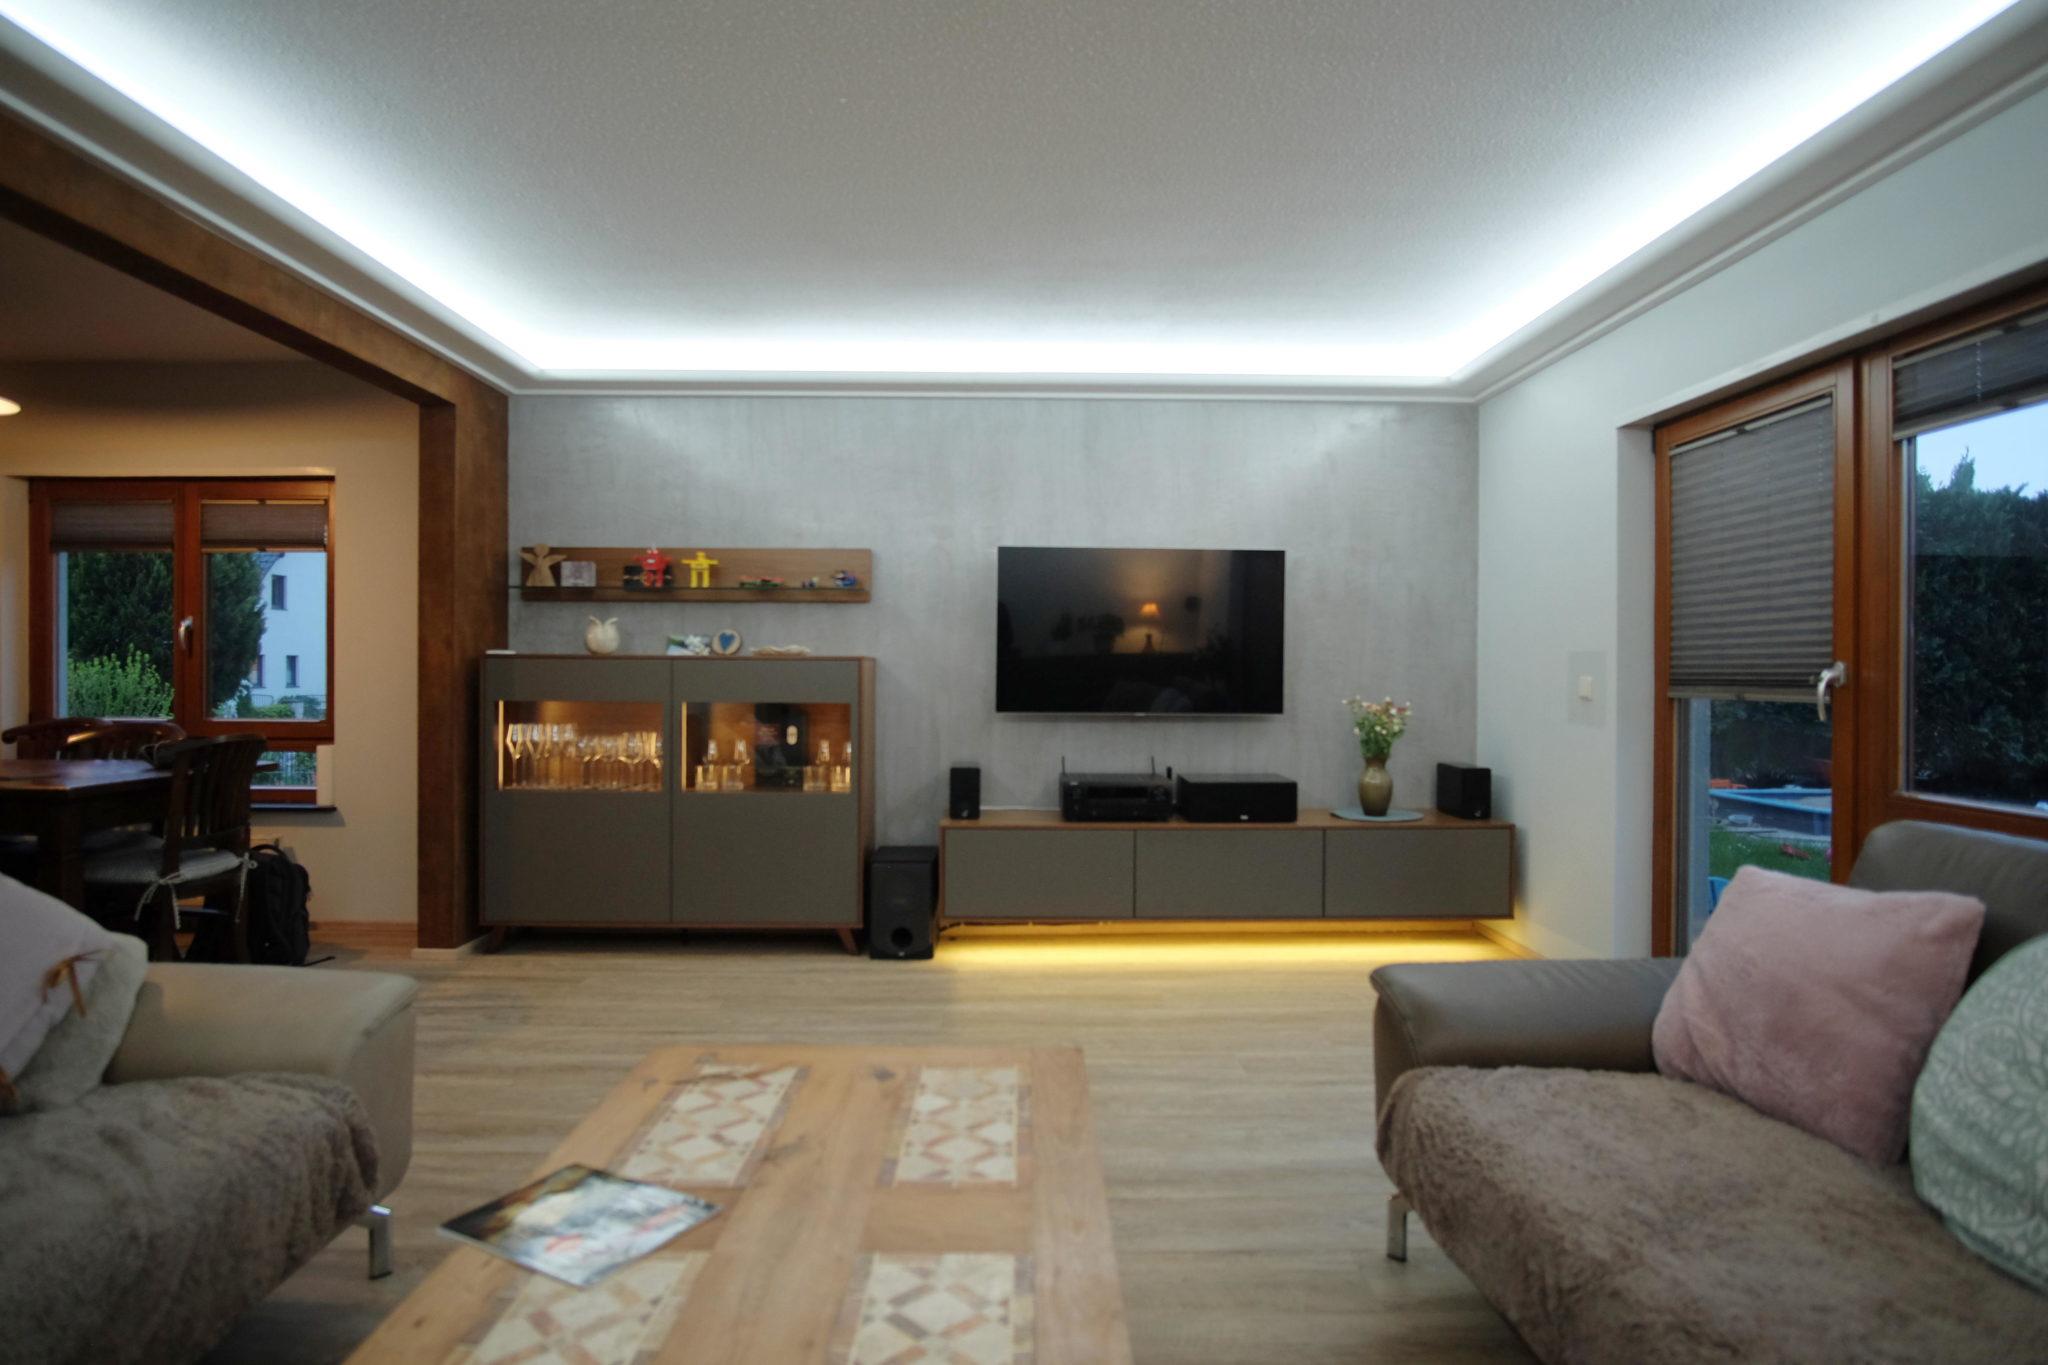 Lichtvoute kaltweiß mit LEDs